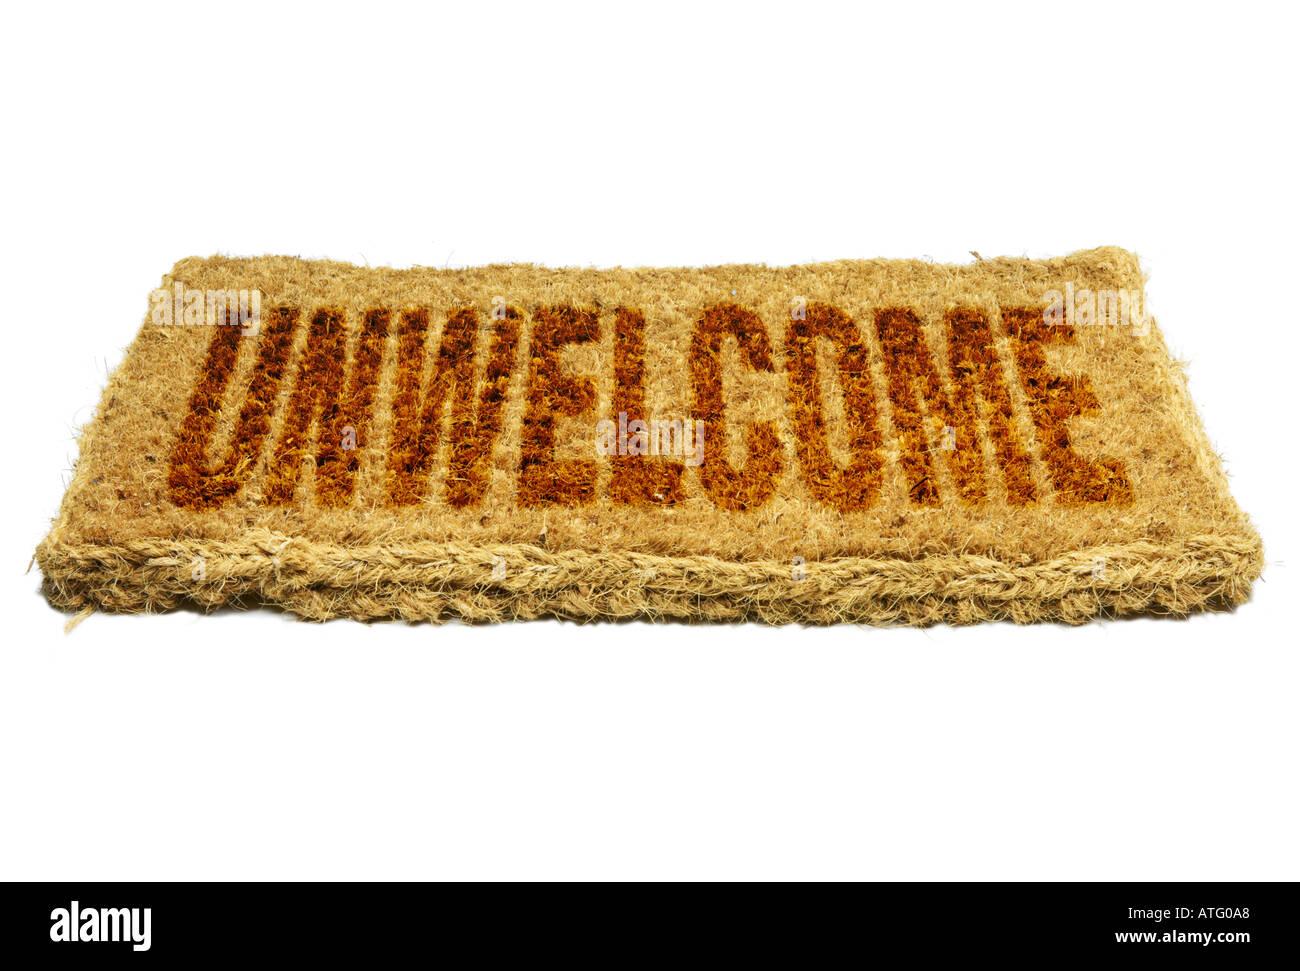 Filati di cocco tappeto di benvenuto concetto sgradito Immagini Stock